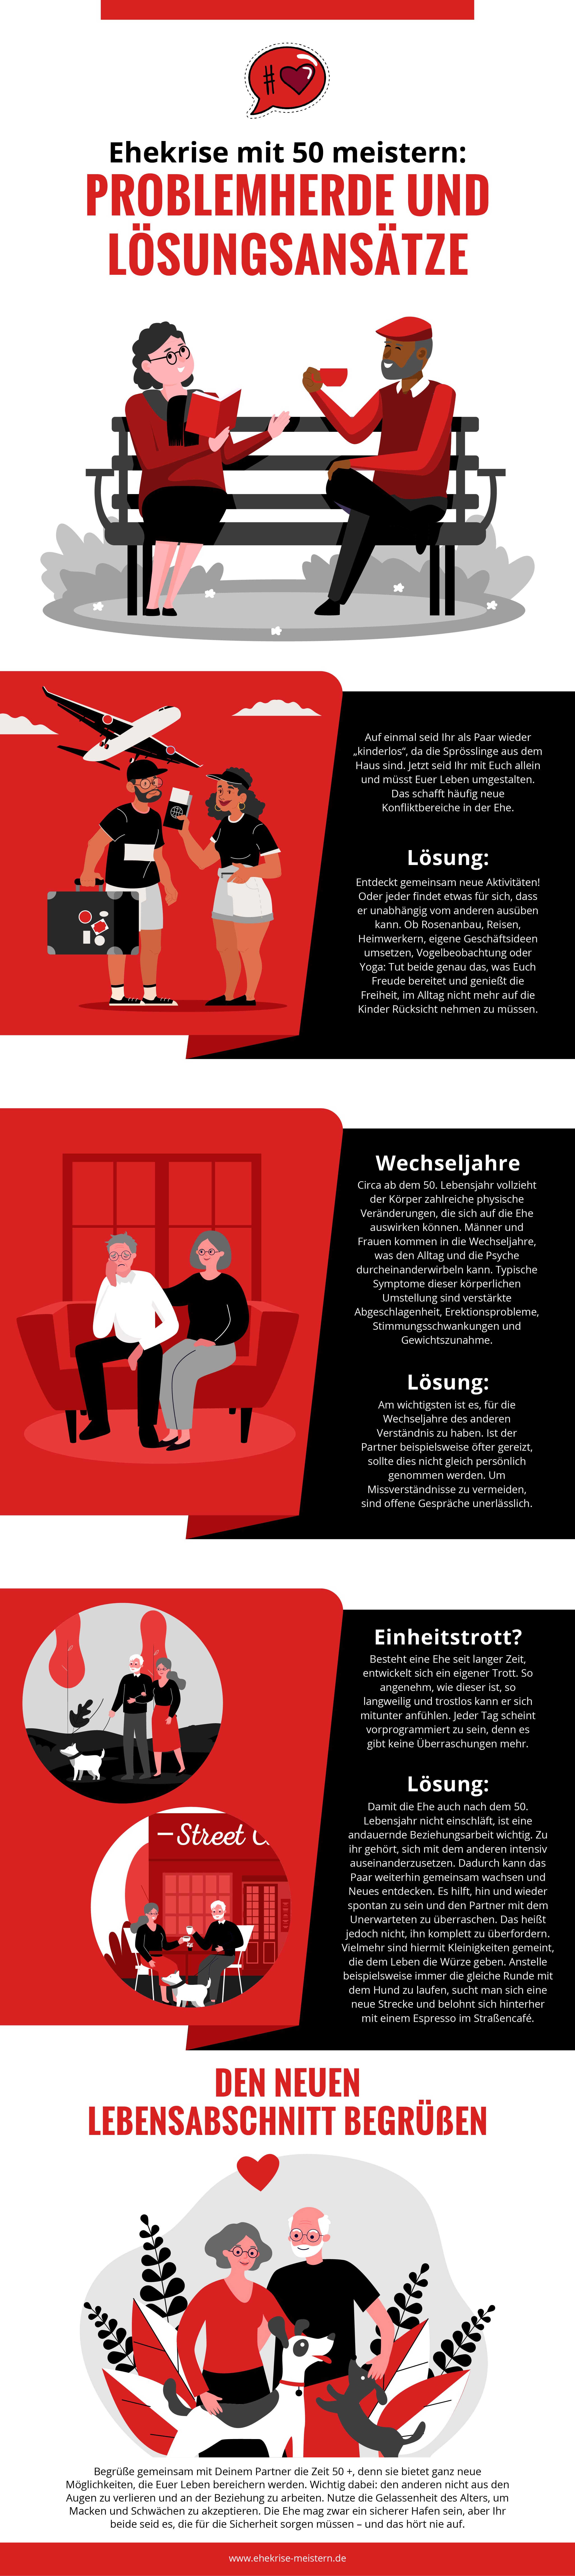 Infografik Ehekrise Mit 50: Auch Das Lässt Sich Meistern